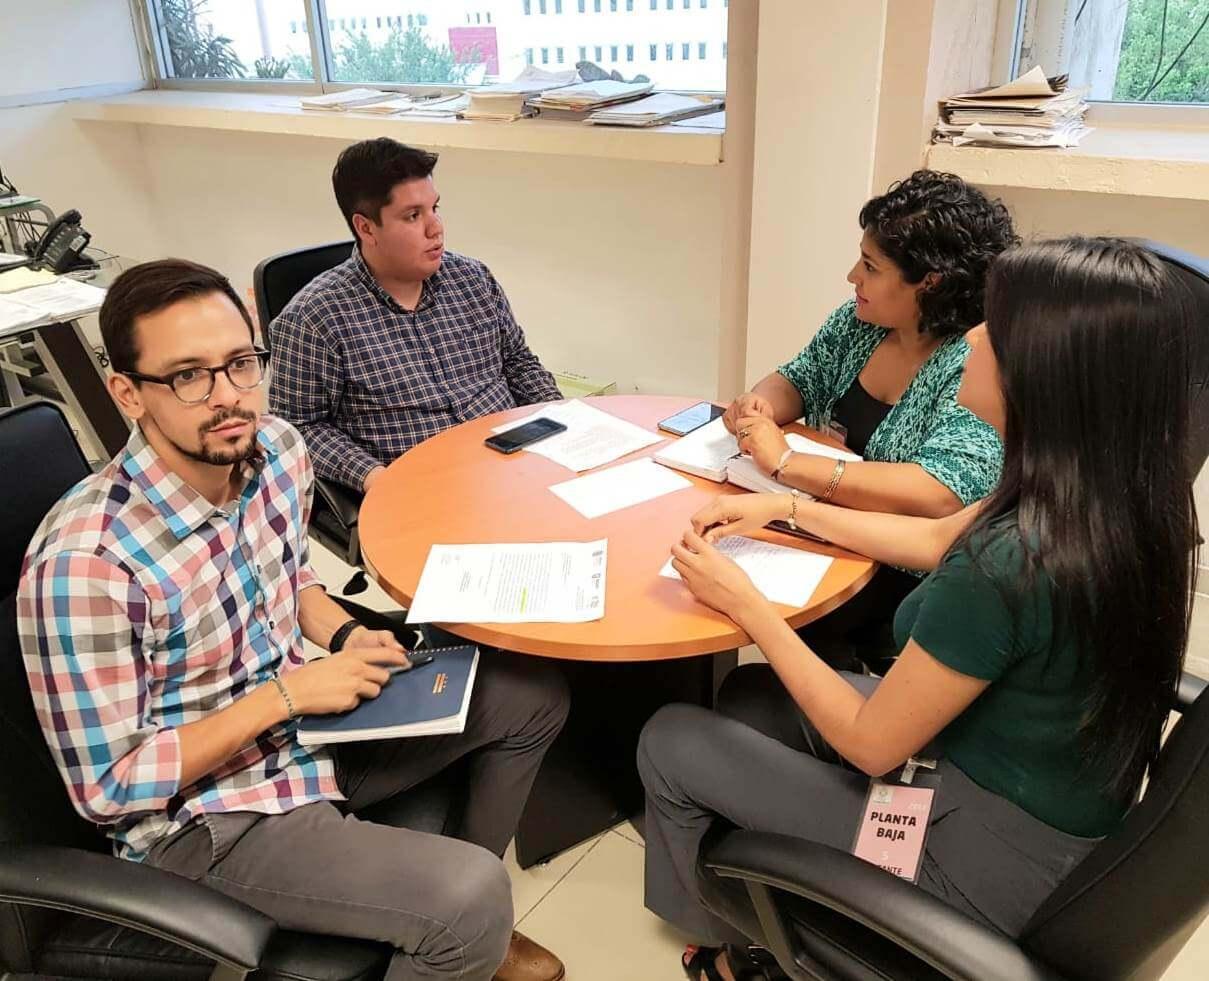 Con la finalidad de trazar líneas de trabajo conjuntas en casos de personas desaparecidas, se realizaron dos reuniones con la Encargada de despacho de la Comisión Estatal de Búsqueda, Brenda Cerón Chagoya.